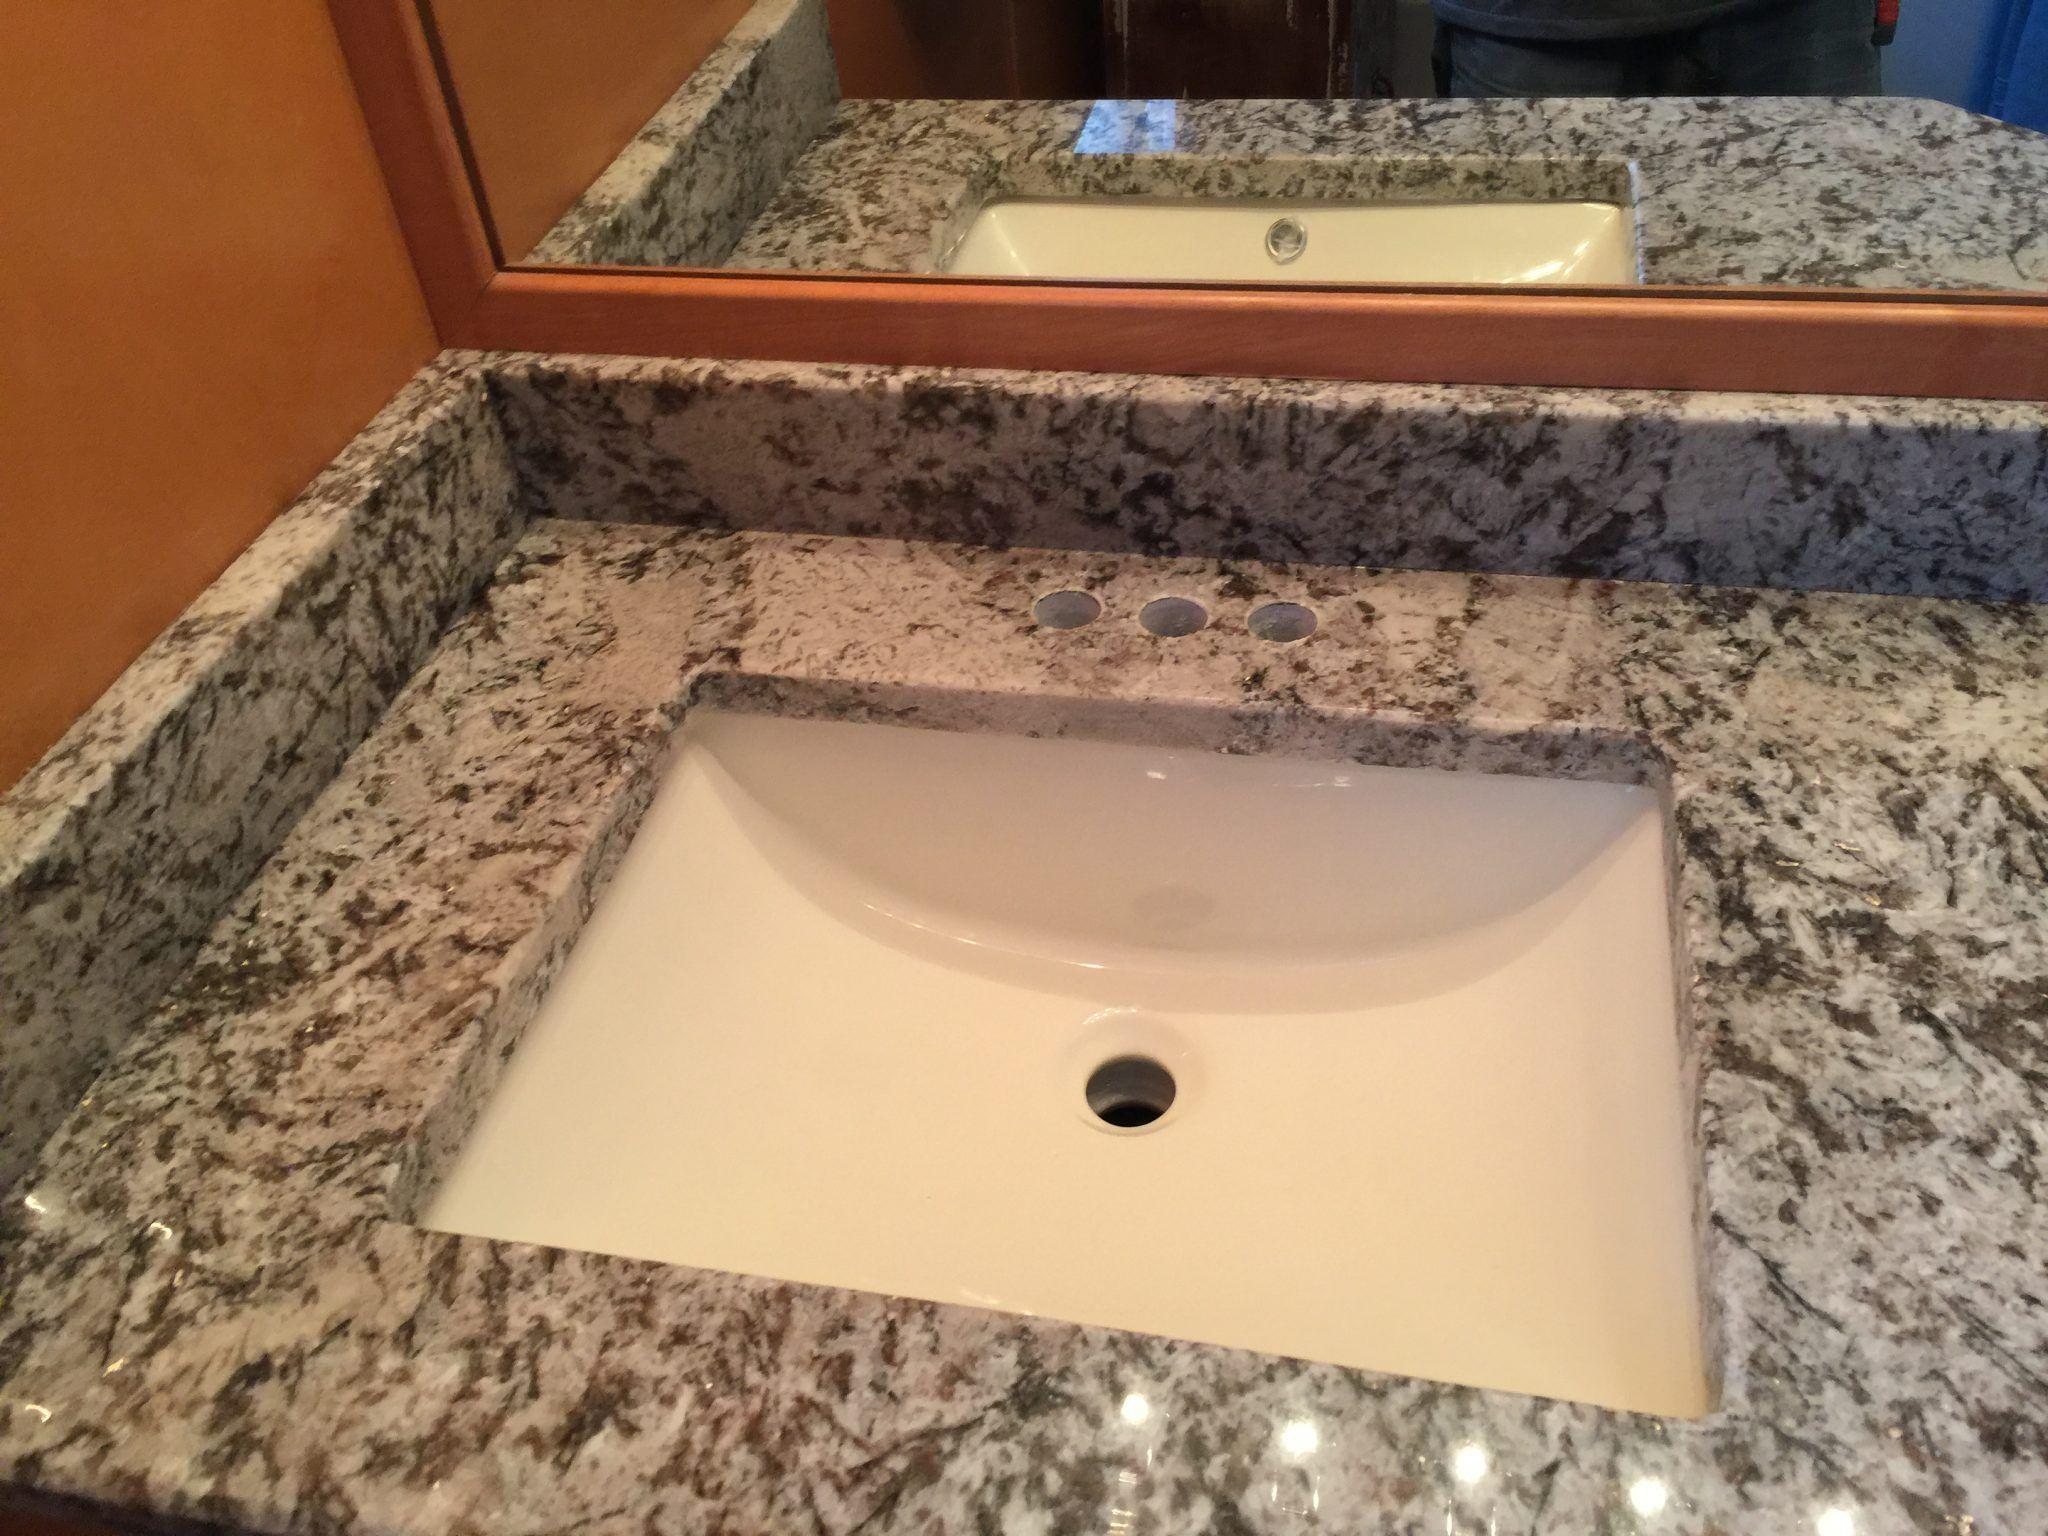 Type Of Job Vanity Top Material Granite Color Bianco Antico Length Of Backsplash 4 Granite Vanity Tops Bianco Antico Granite Bathroom Vanity Countertops